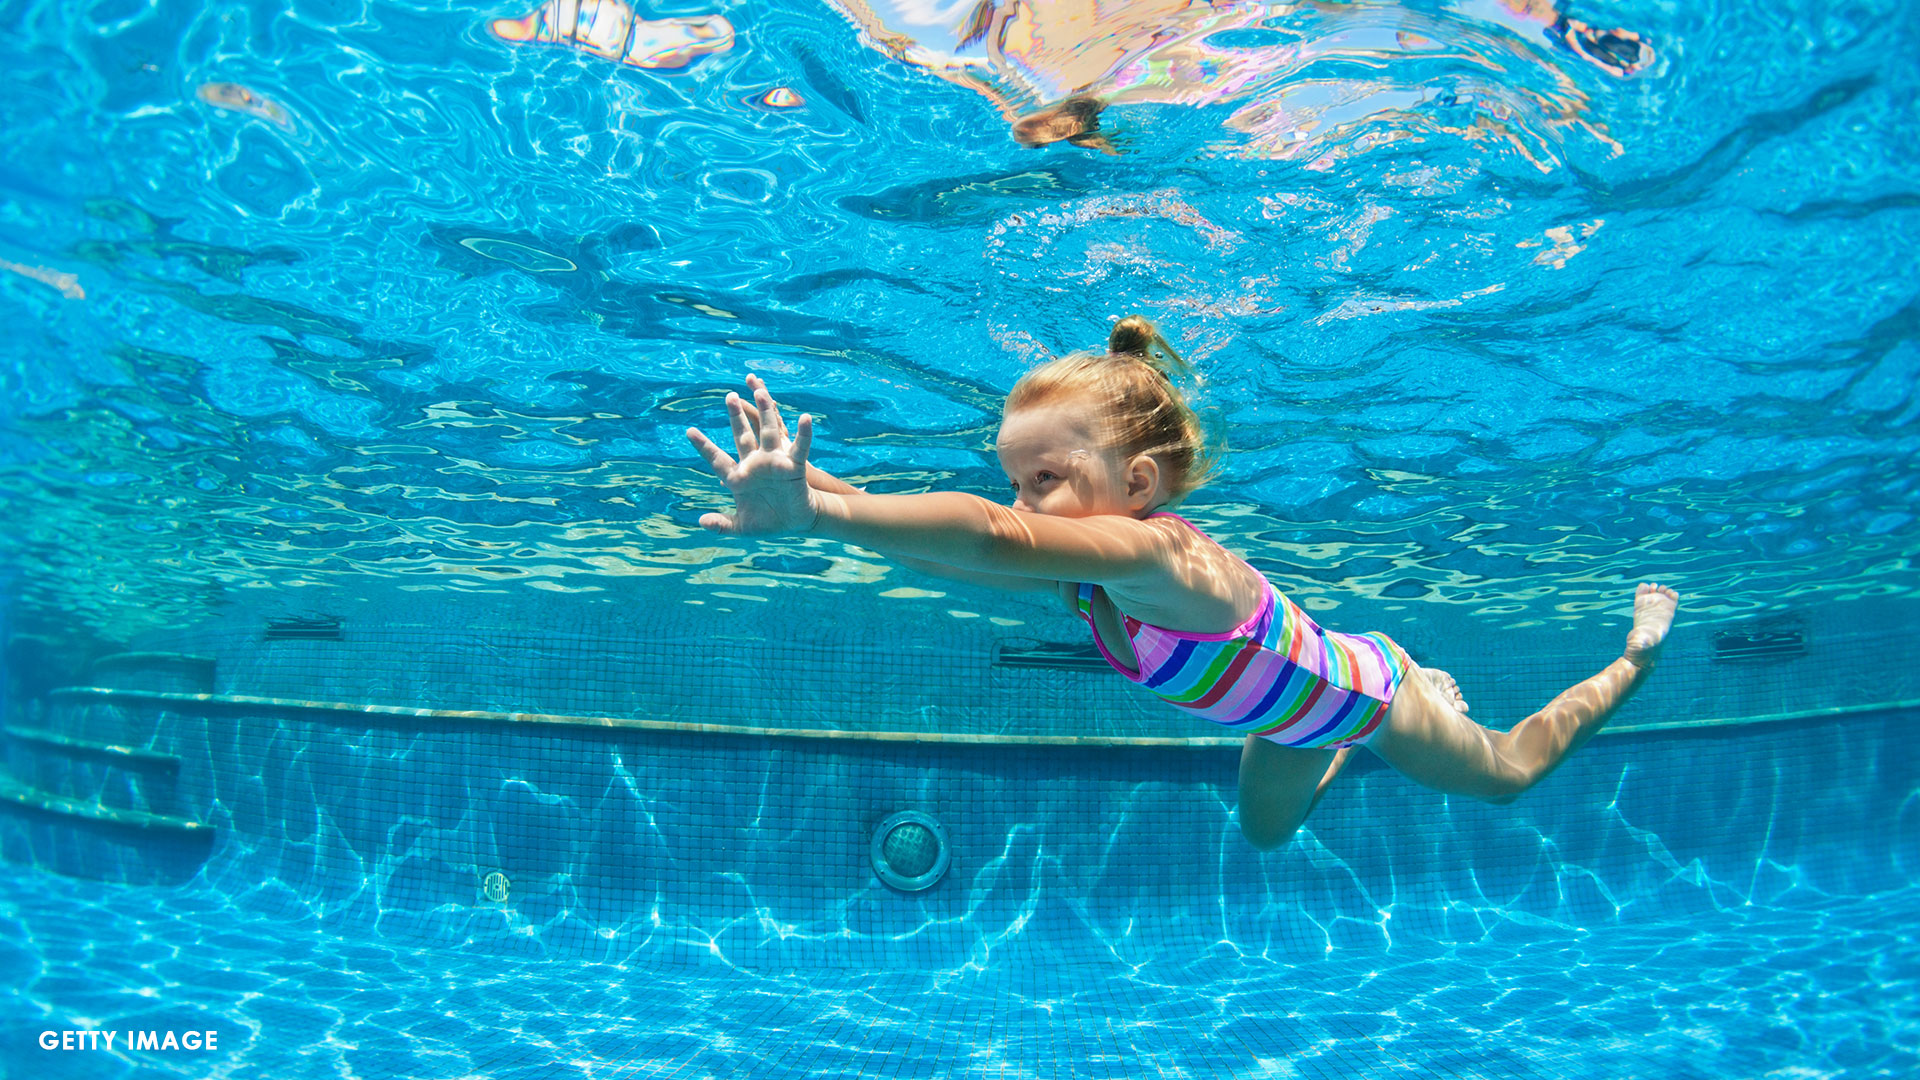 swimming-child_1558643593415.jpg